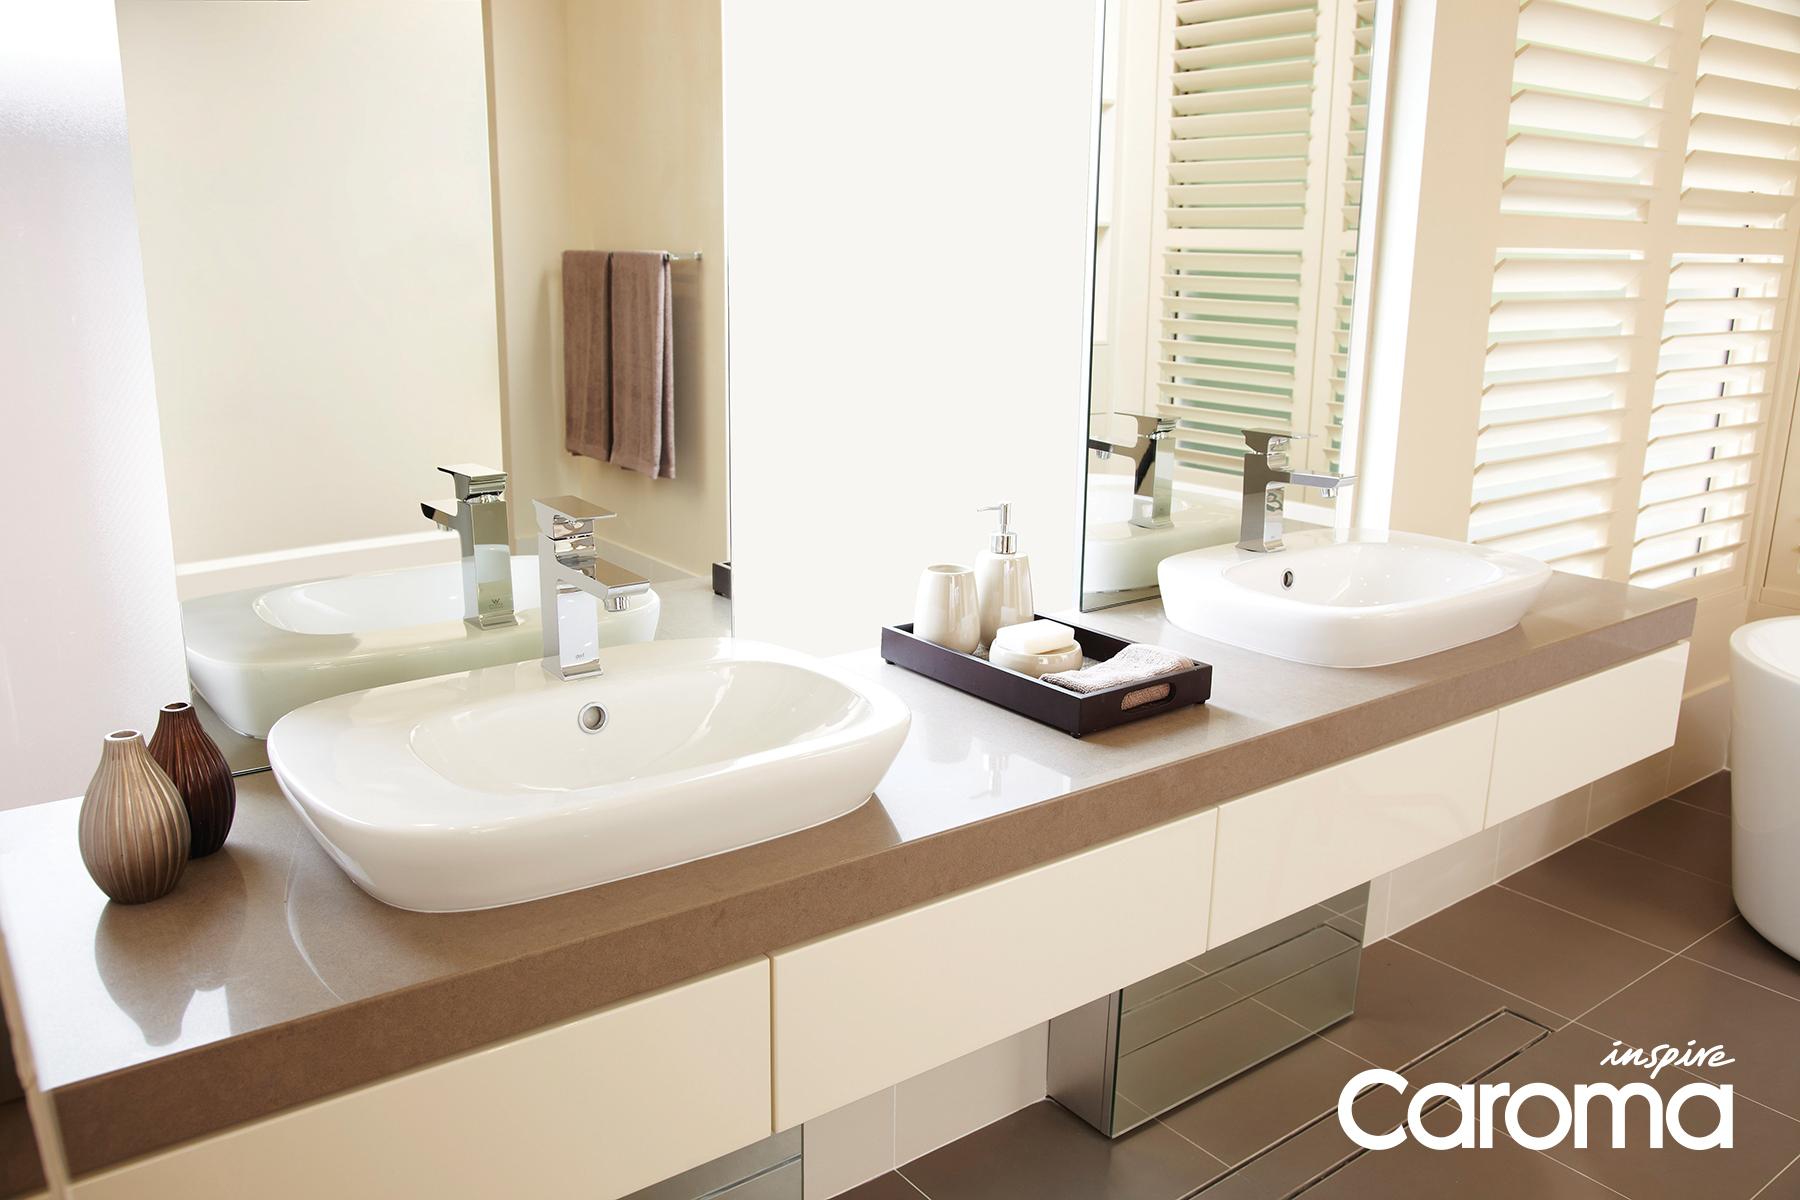 blog caroma basin